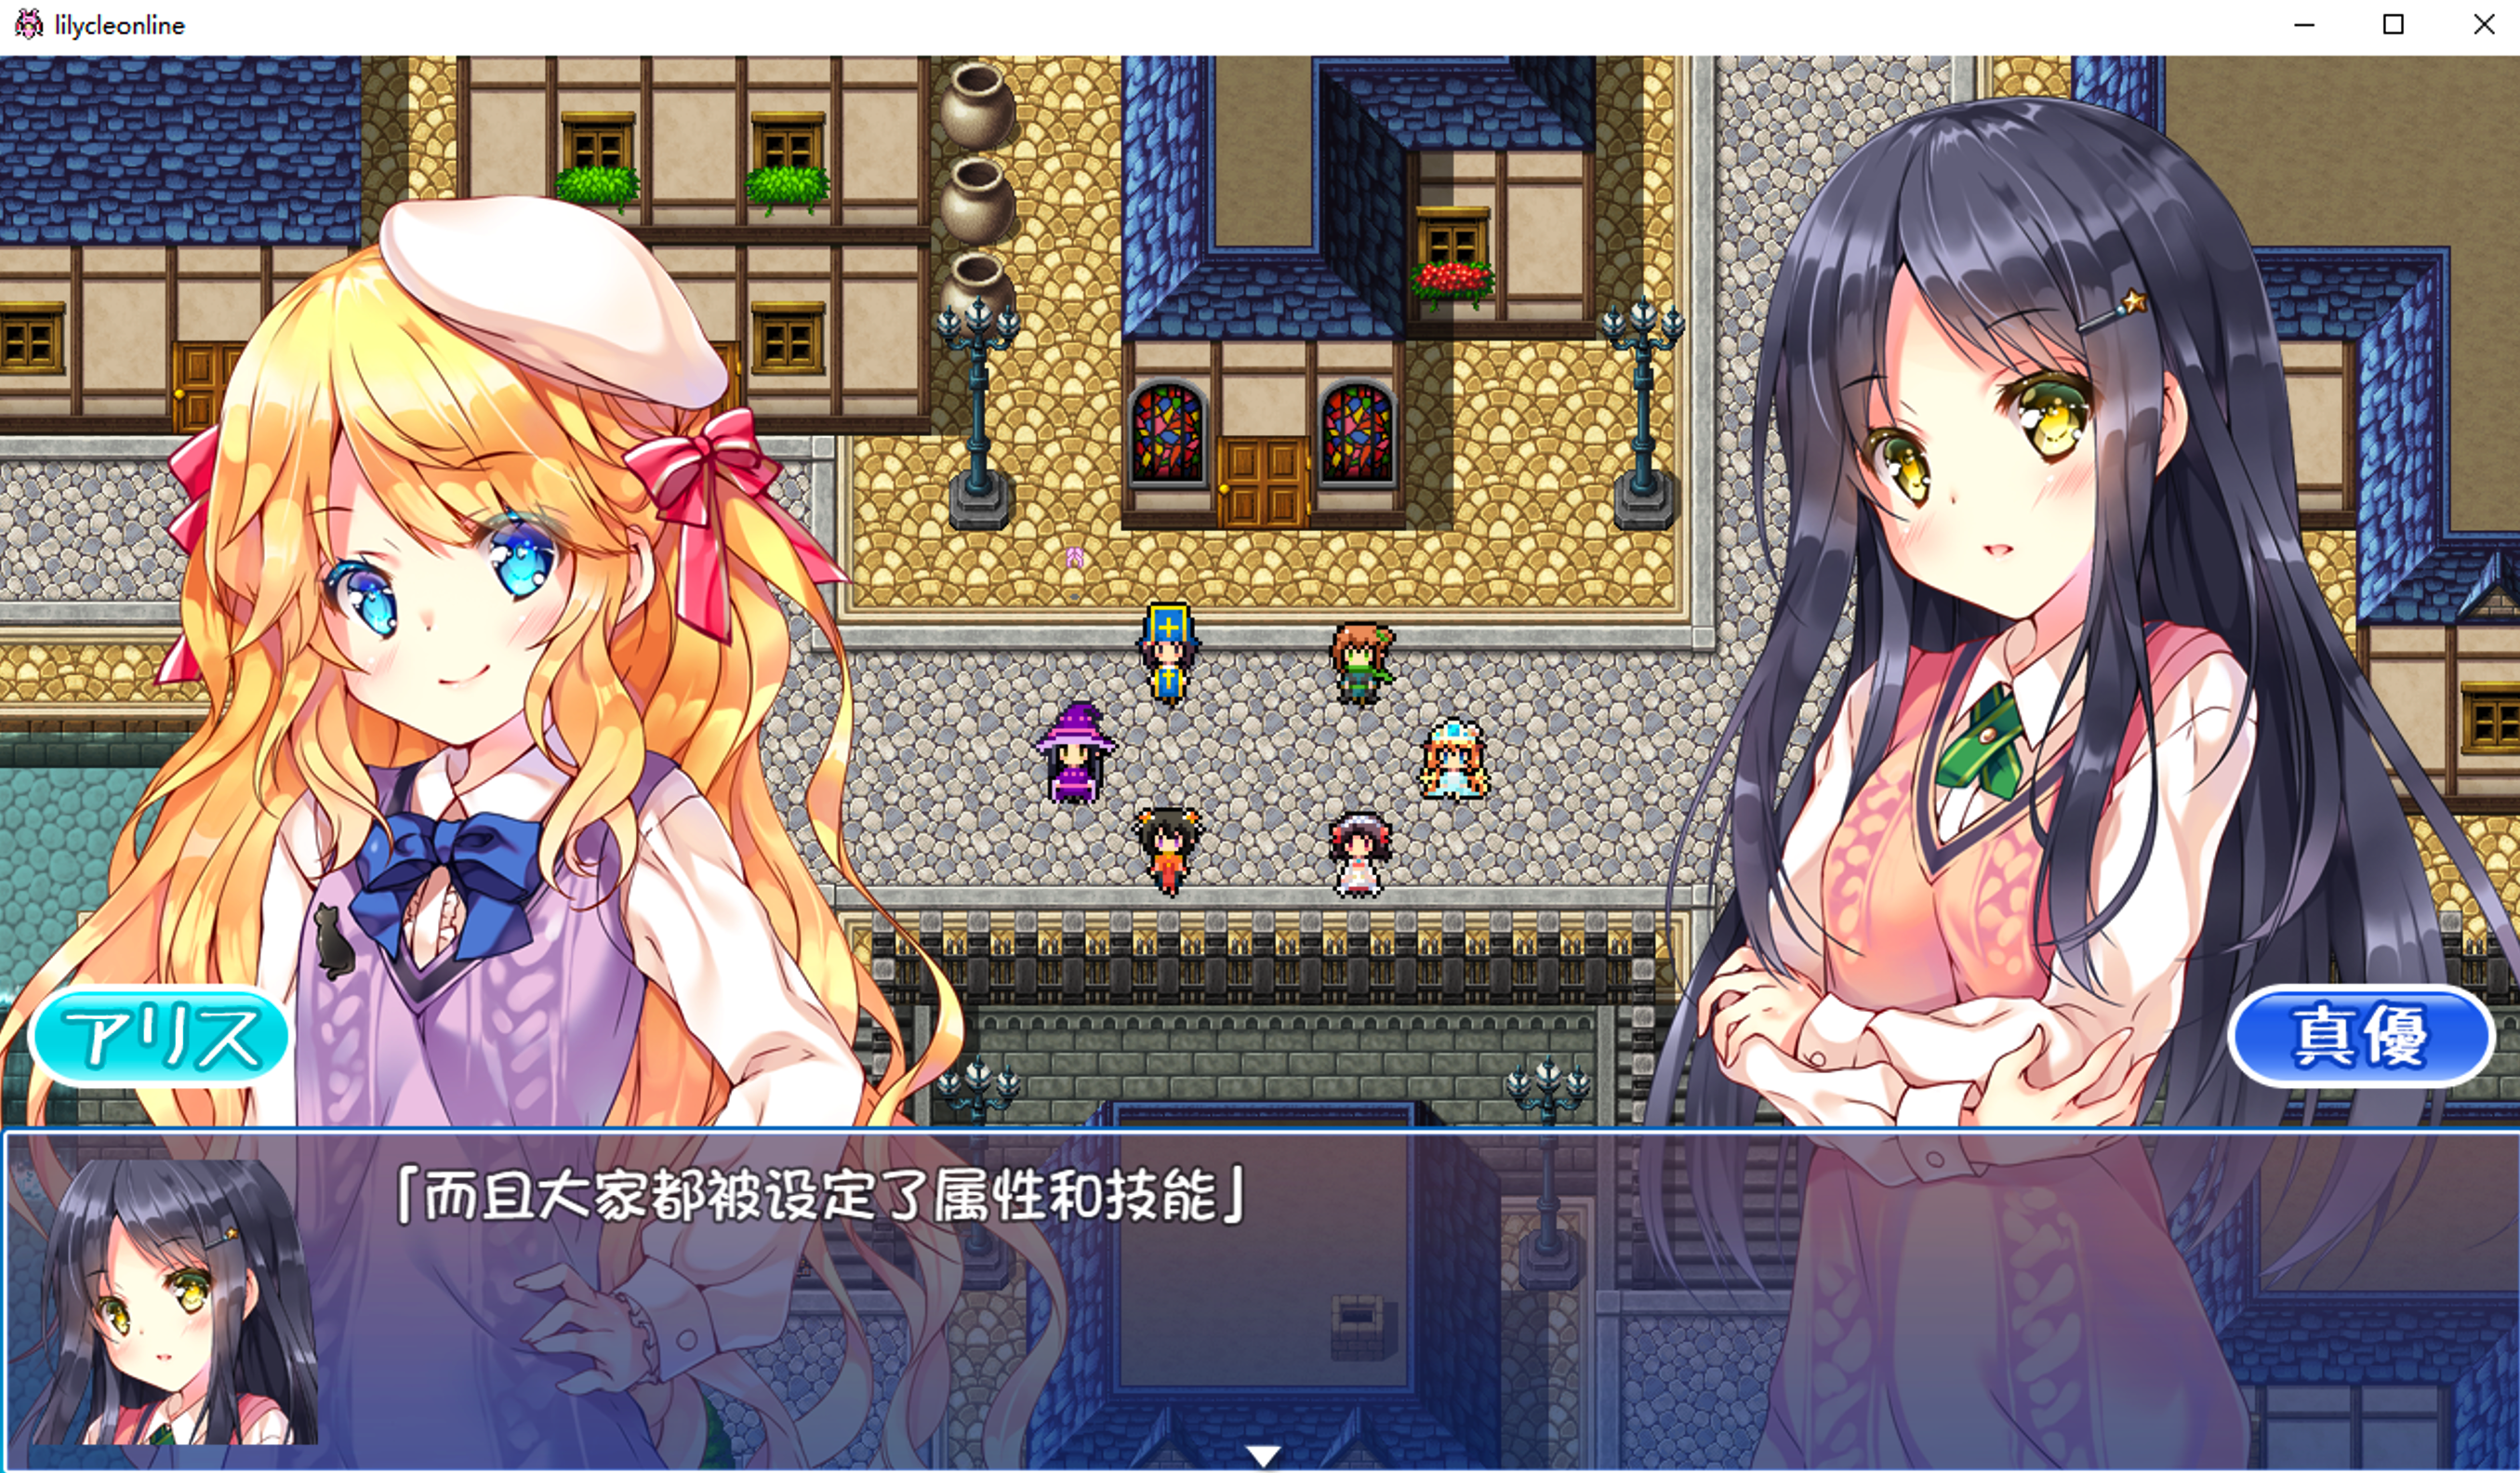 [RPG/汉化/百合]Lilycle彩虹舞台同人RPGlilycleonline汉化版[535MB] 3